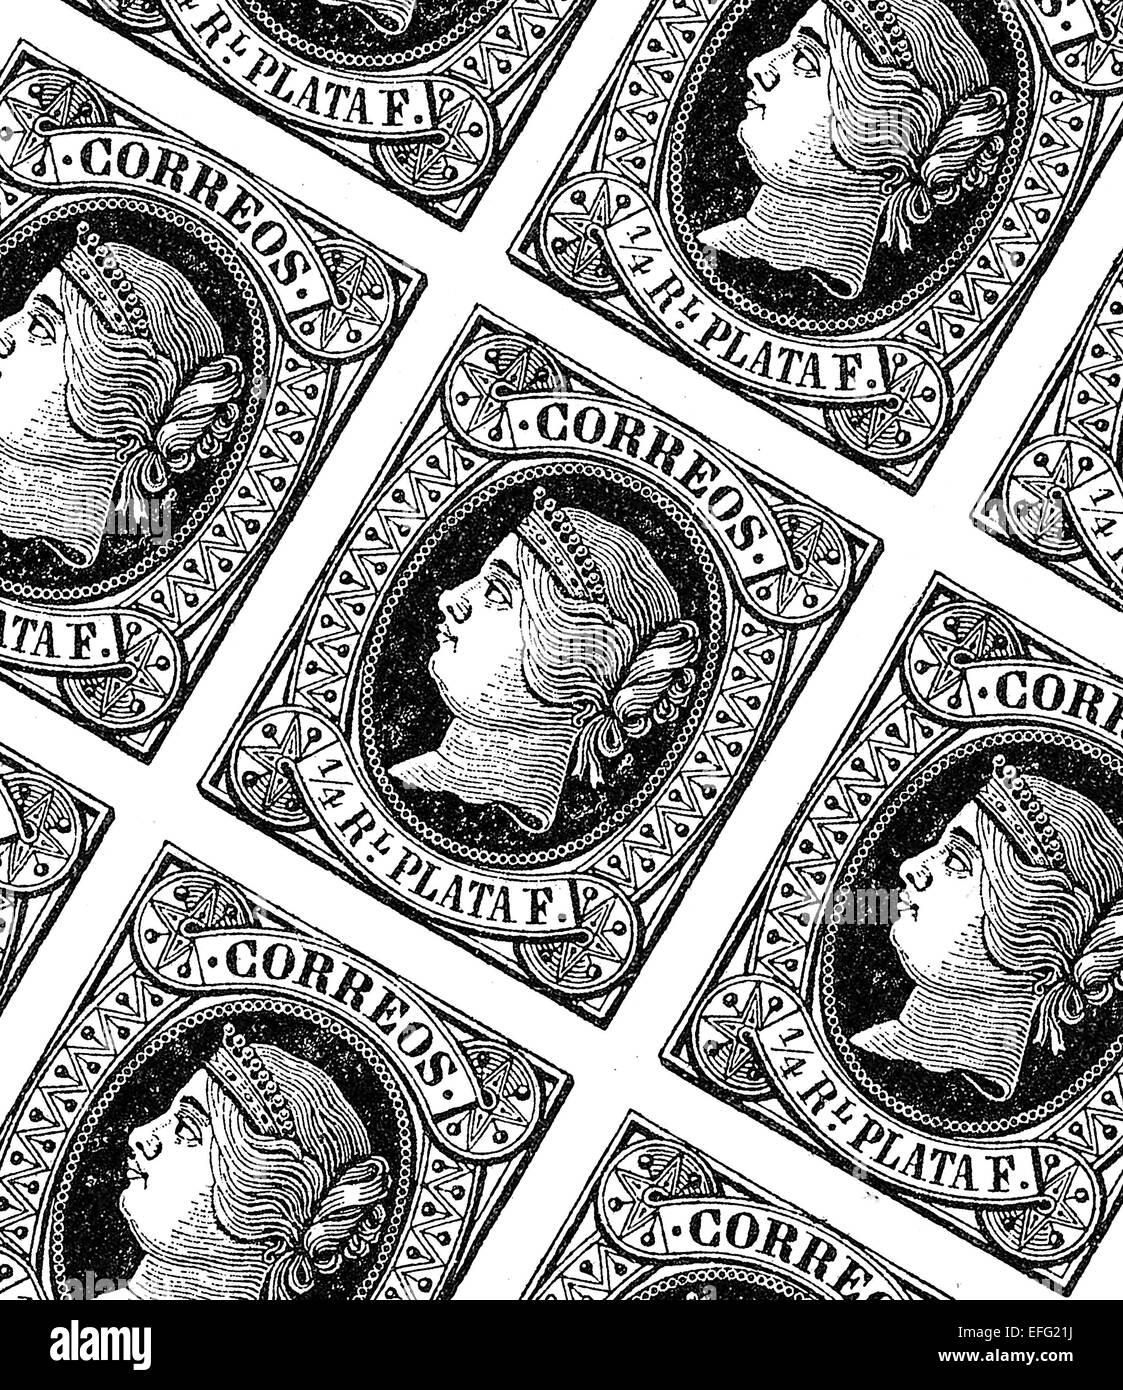 Foglio con francobolli spagnolo del XIX secolo Immagini Stock